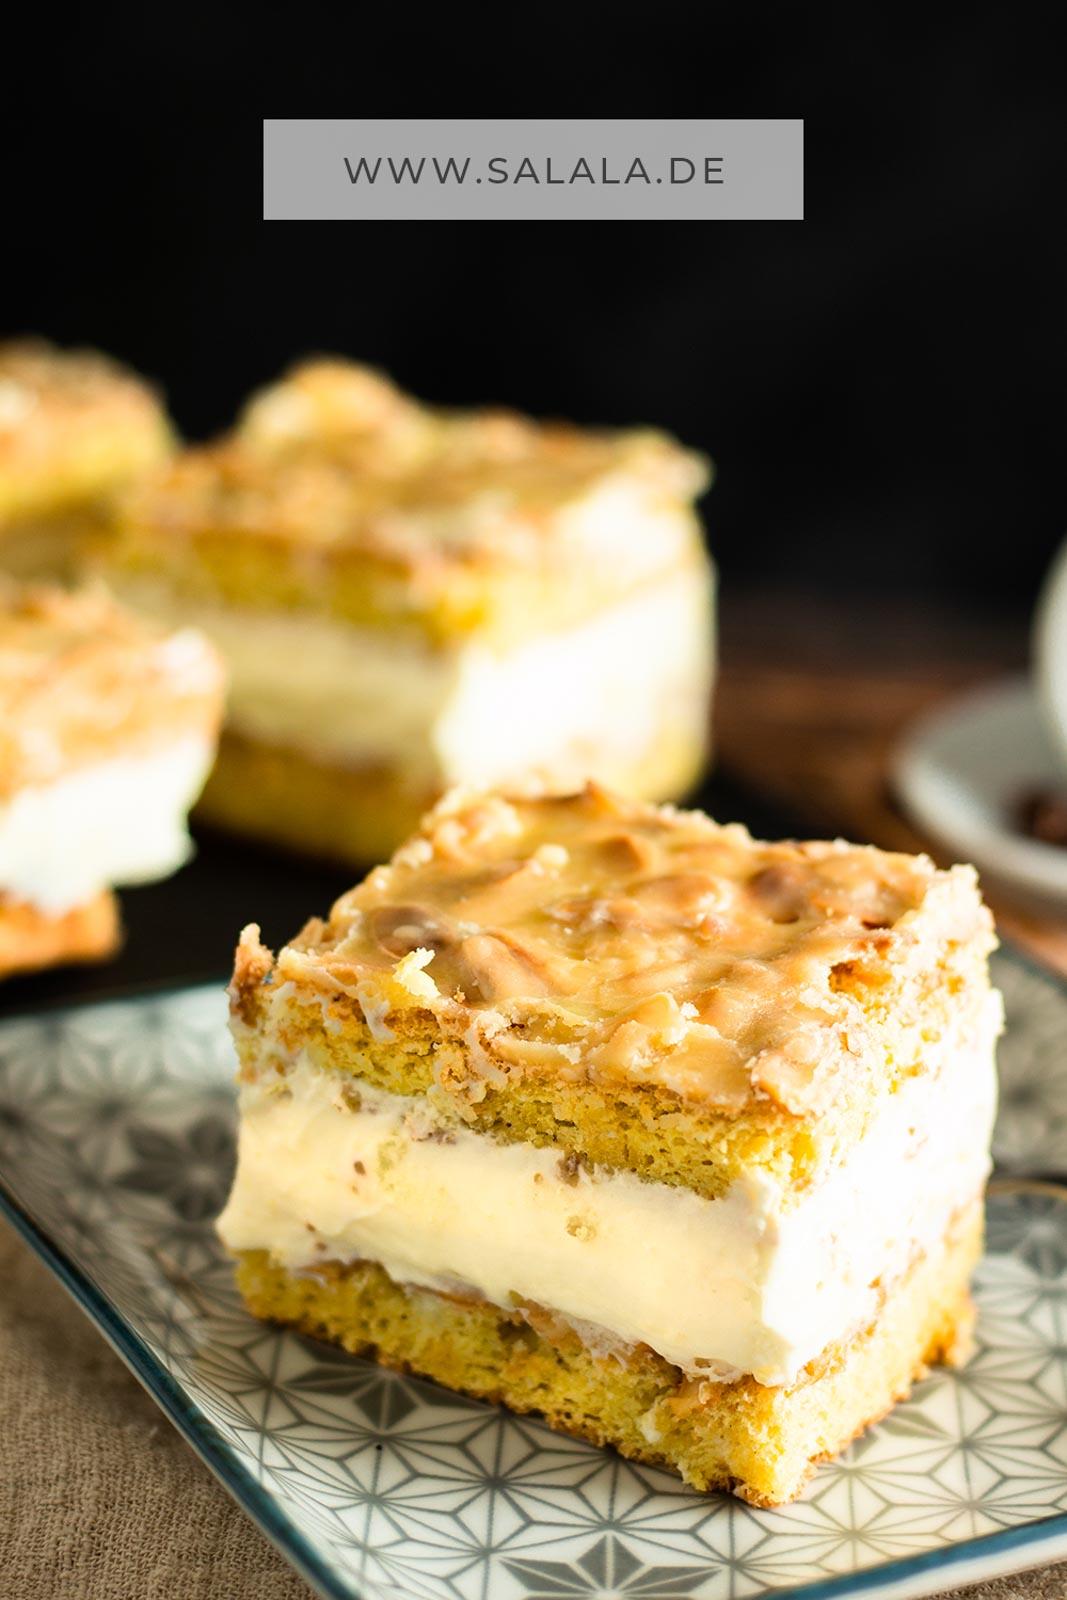 Nach 30 Tage Süßabstinenz gibts bei uns endlich wieder Kuchen. Geburtstagskuchen oder auch Raus aus der Keto Challenge Kuchen. Und es sind Schnittchen geworden. So ähnlich wie Bienenstich. Aber nur ähnlich, weil sind Mandel-Mascarpone-Schnitten. Ohne Zucker, aber mit Erythrit und Stevia. Voll Keto also und demnach auch Low Carb. #ketokuchen #mandelschnitten #mascarponeschnitten #mascarponemandelkuchen #lowcarbkuchen #glutenfreierkuchen #bisquitohnemehl #kuchenohnemehl